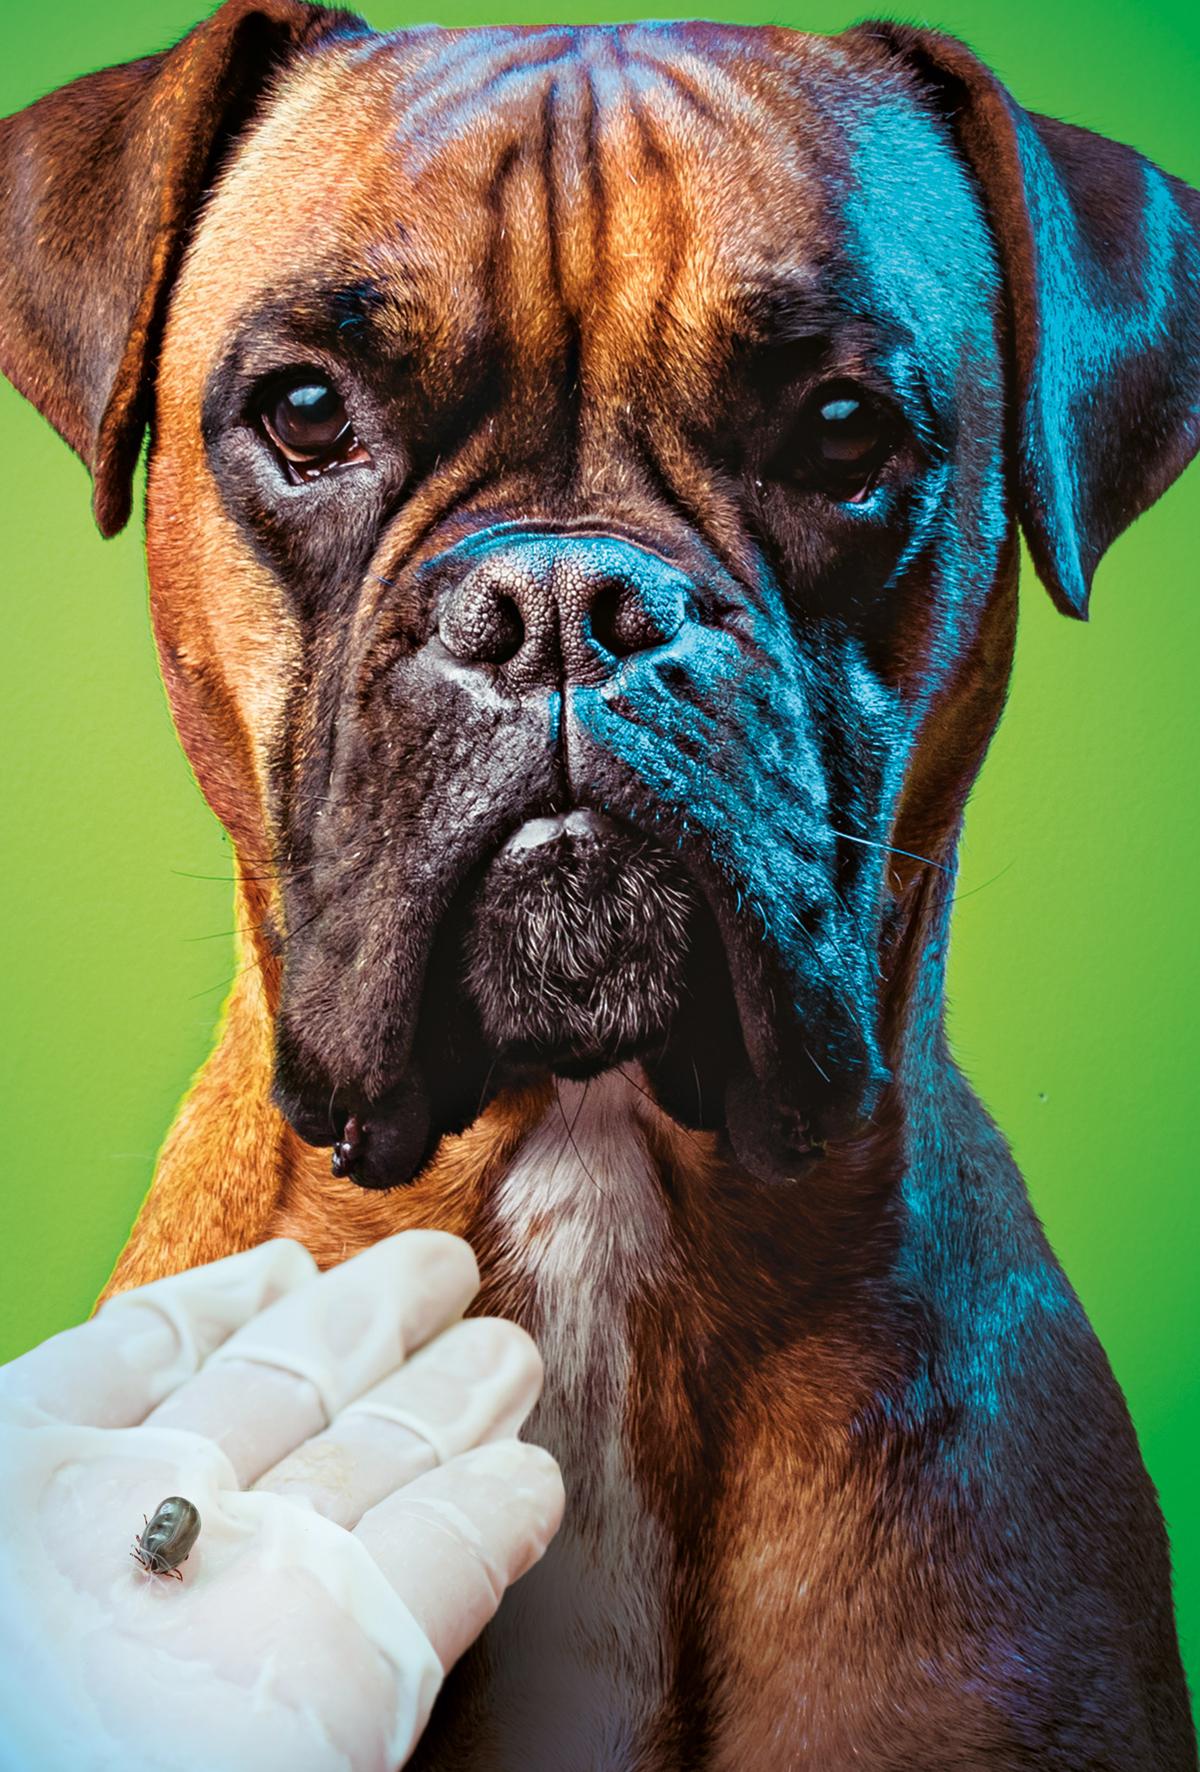 Köpeklerde kene ile ilişkili hastalıklar